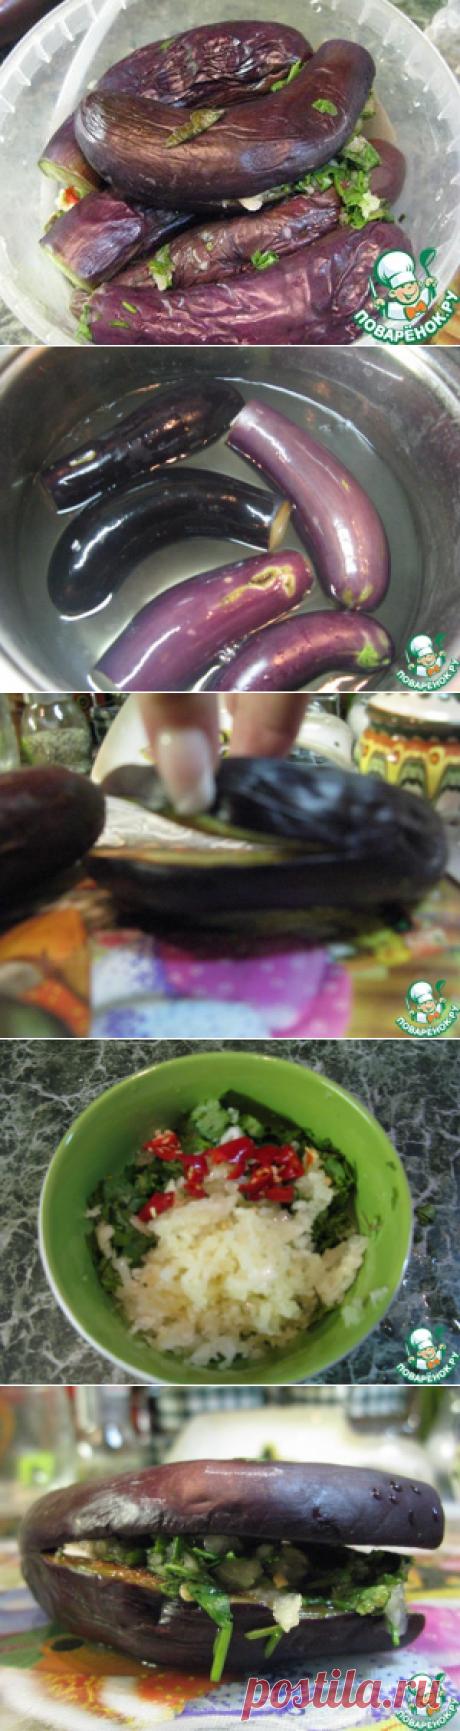 Как готовить Баклажаны, маринованные целиком рецепт с фотографиями